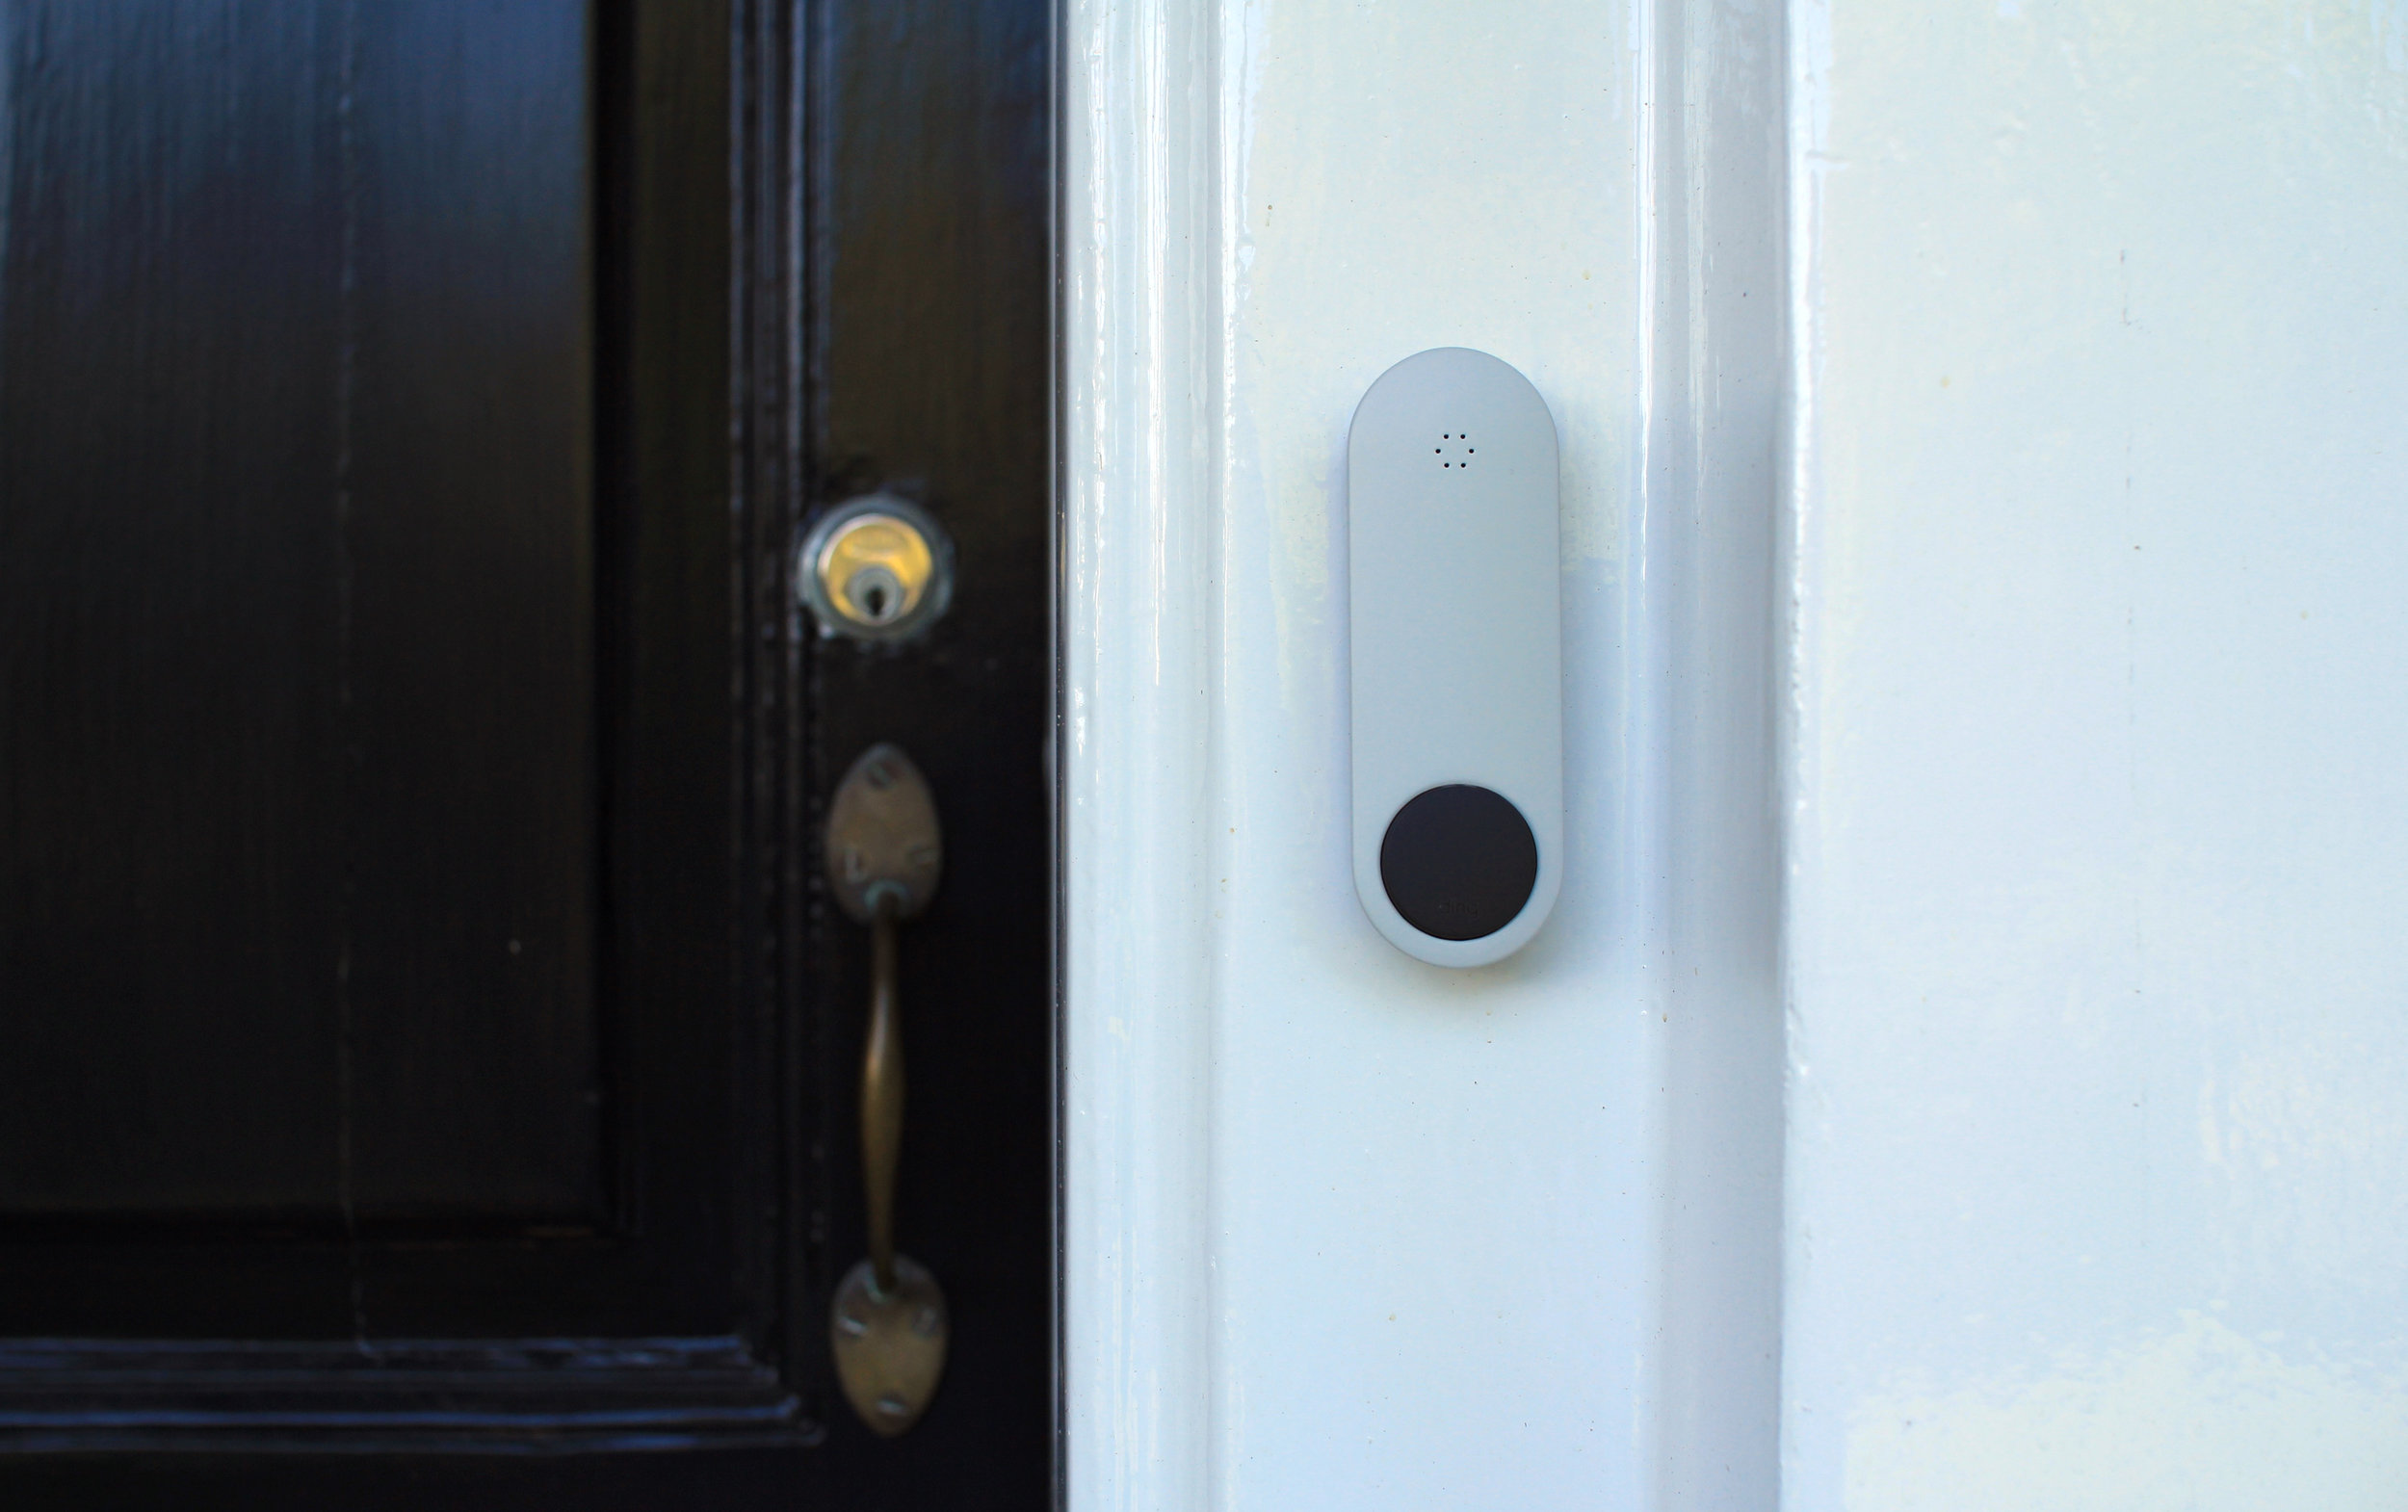 ding_button_doorframe.jpg